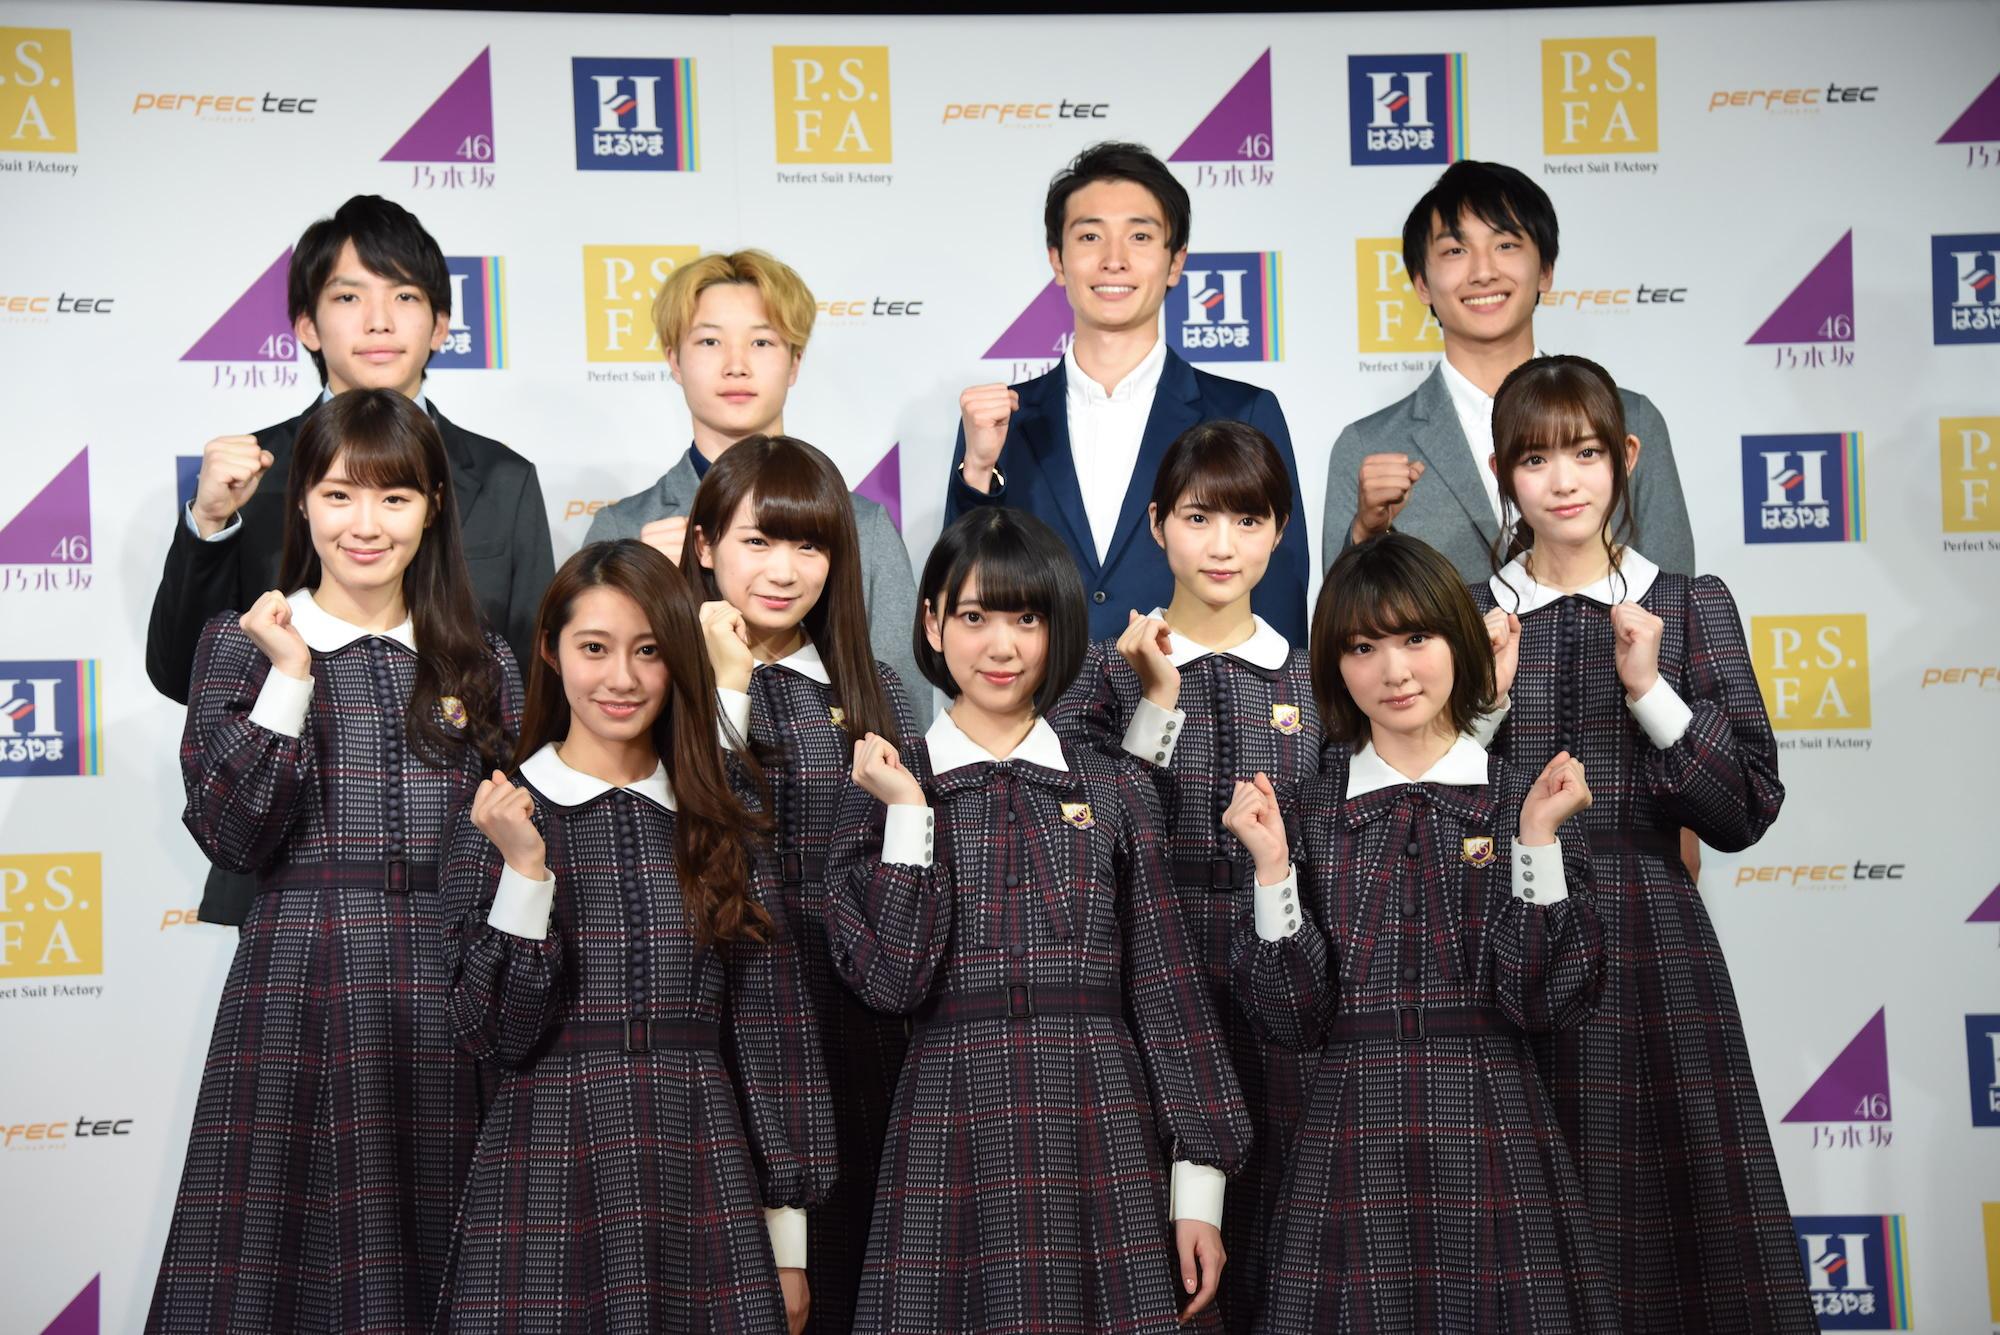 乃木坂46・生駒里奈、「ヘビロテ」カバーでAKB48との違いを実感。「ダンスのイメージというものが…」